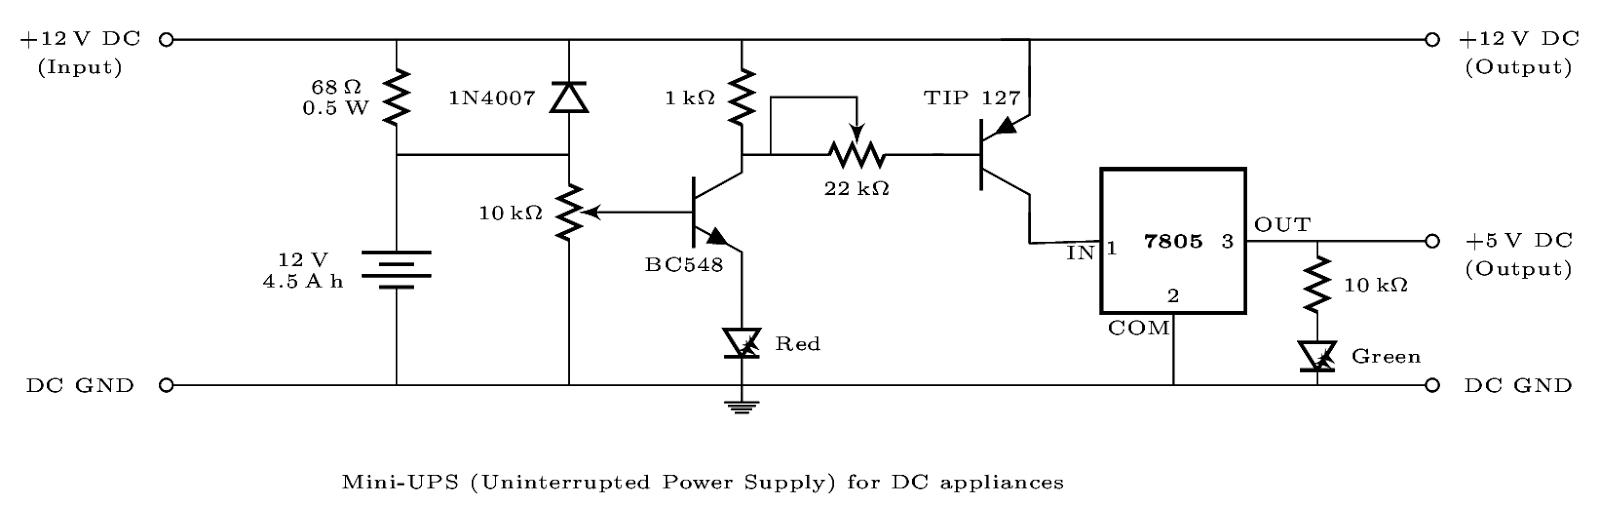 technical musings drawing circuit diagrams in latex draw circuit diagrams in latex latex draw circuit diagram [ 1600 x 507 Pixel ]